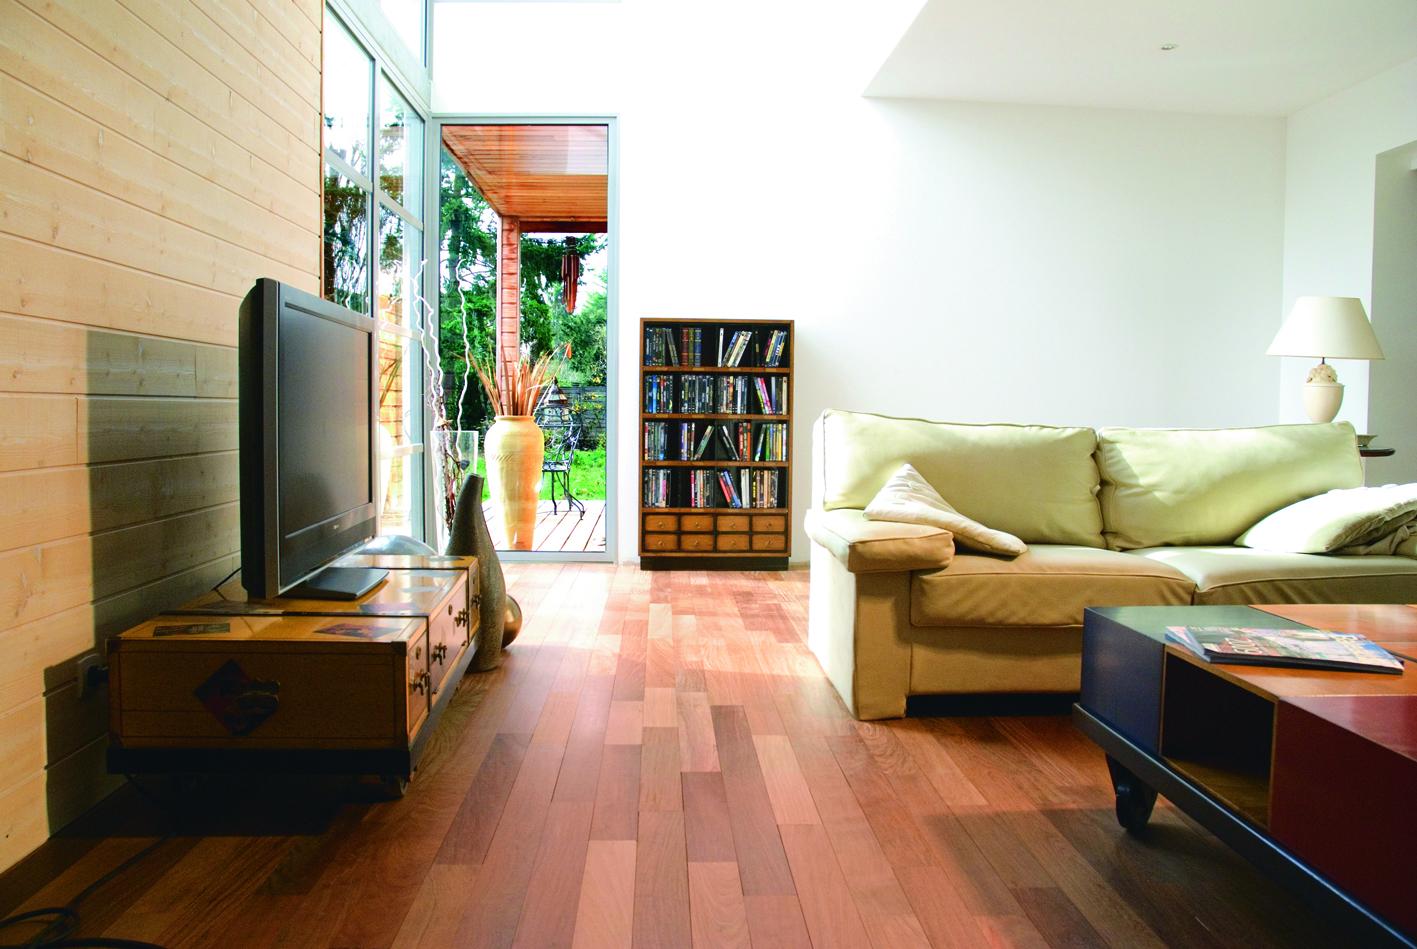 Les parquets massifs sont les plus traditionnels et les plus durables mais aussi les plus onéreux car ils ne sont composés que d'une seule essence de bois sur l'ensemble de leur structure. (Photo: Durieu)